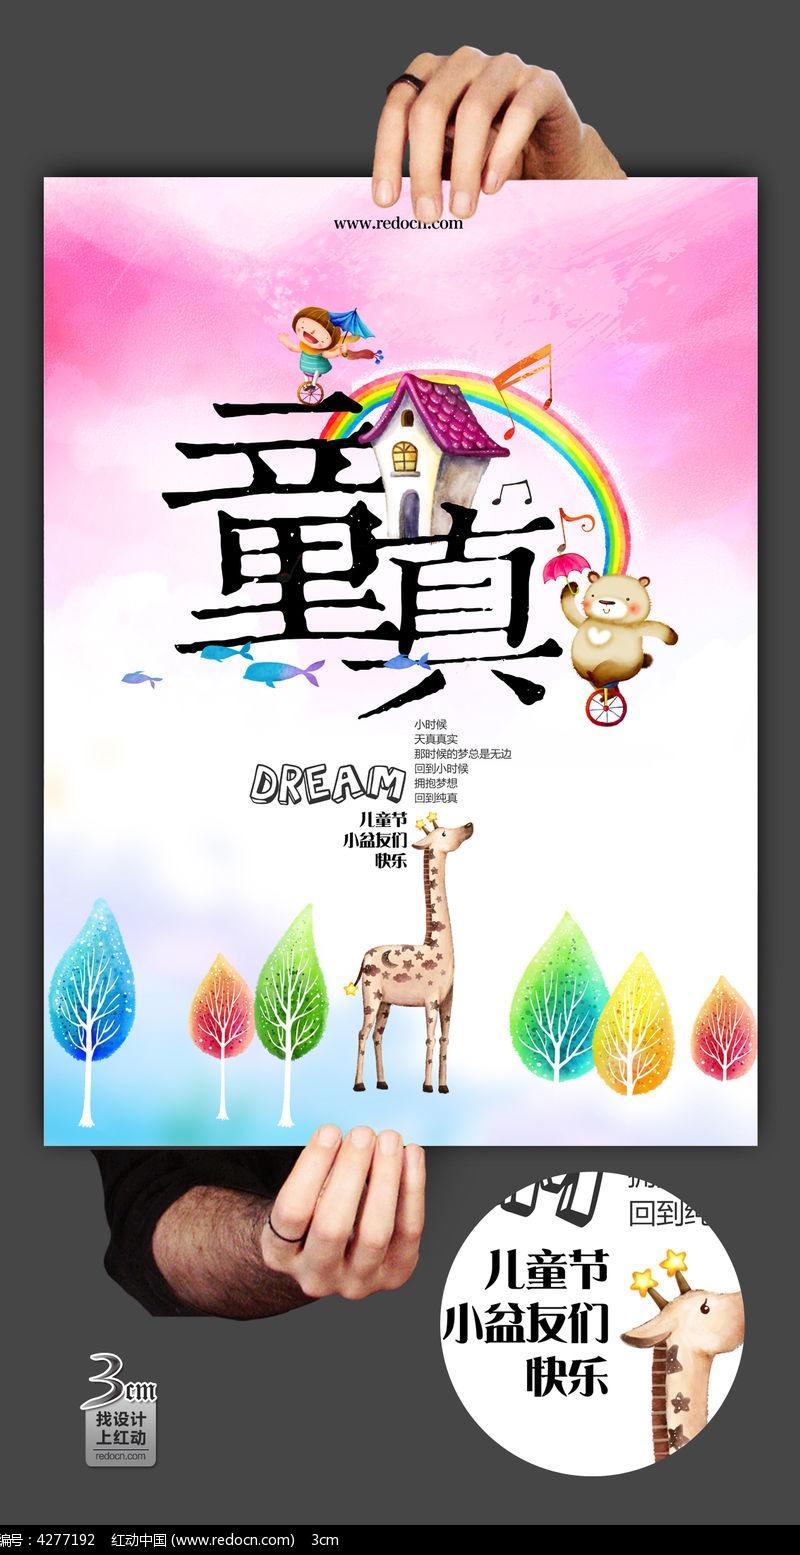 六一儿童节童真海报设计图片